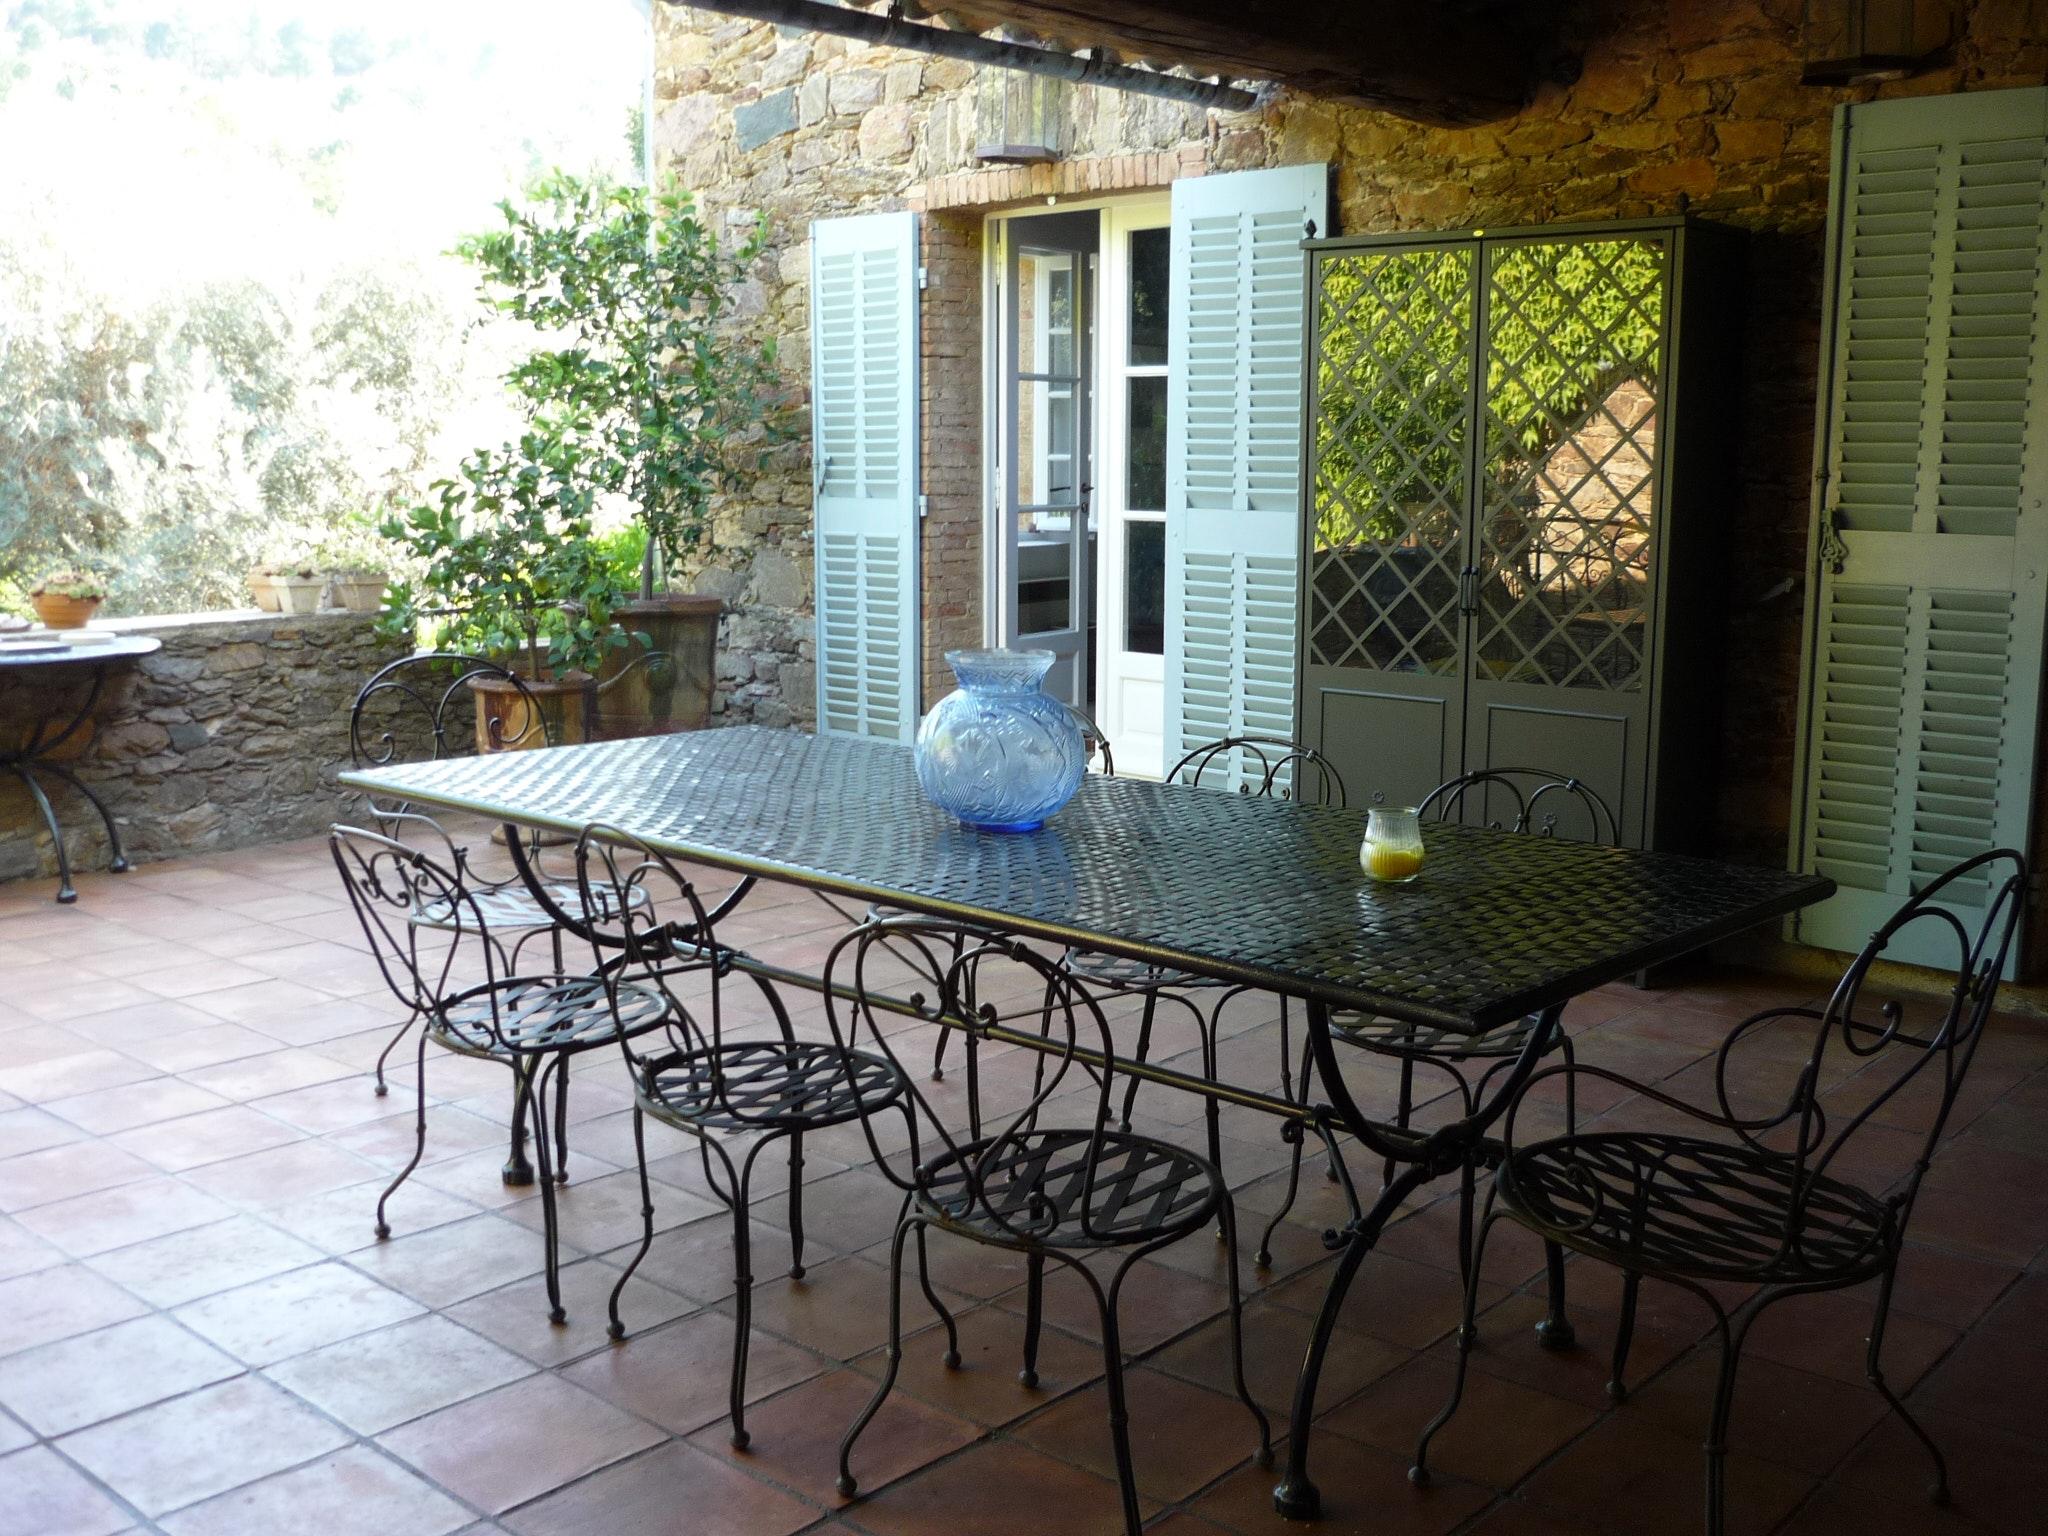 Maison de vacances Villa mit 5 Zimmern in La Garde-Freinet mit privatem Pool, Garten und W-LAN - 20 km vom St (2339879), La Garde Freinet, Côte d'Azur, Provence - Alpes - Côte d'Azur, France, image 5